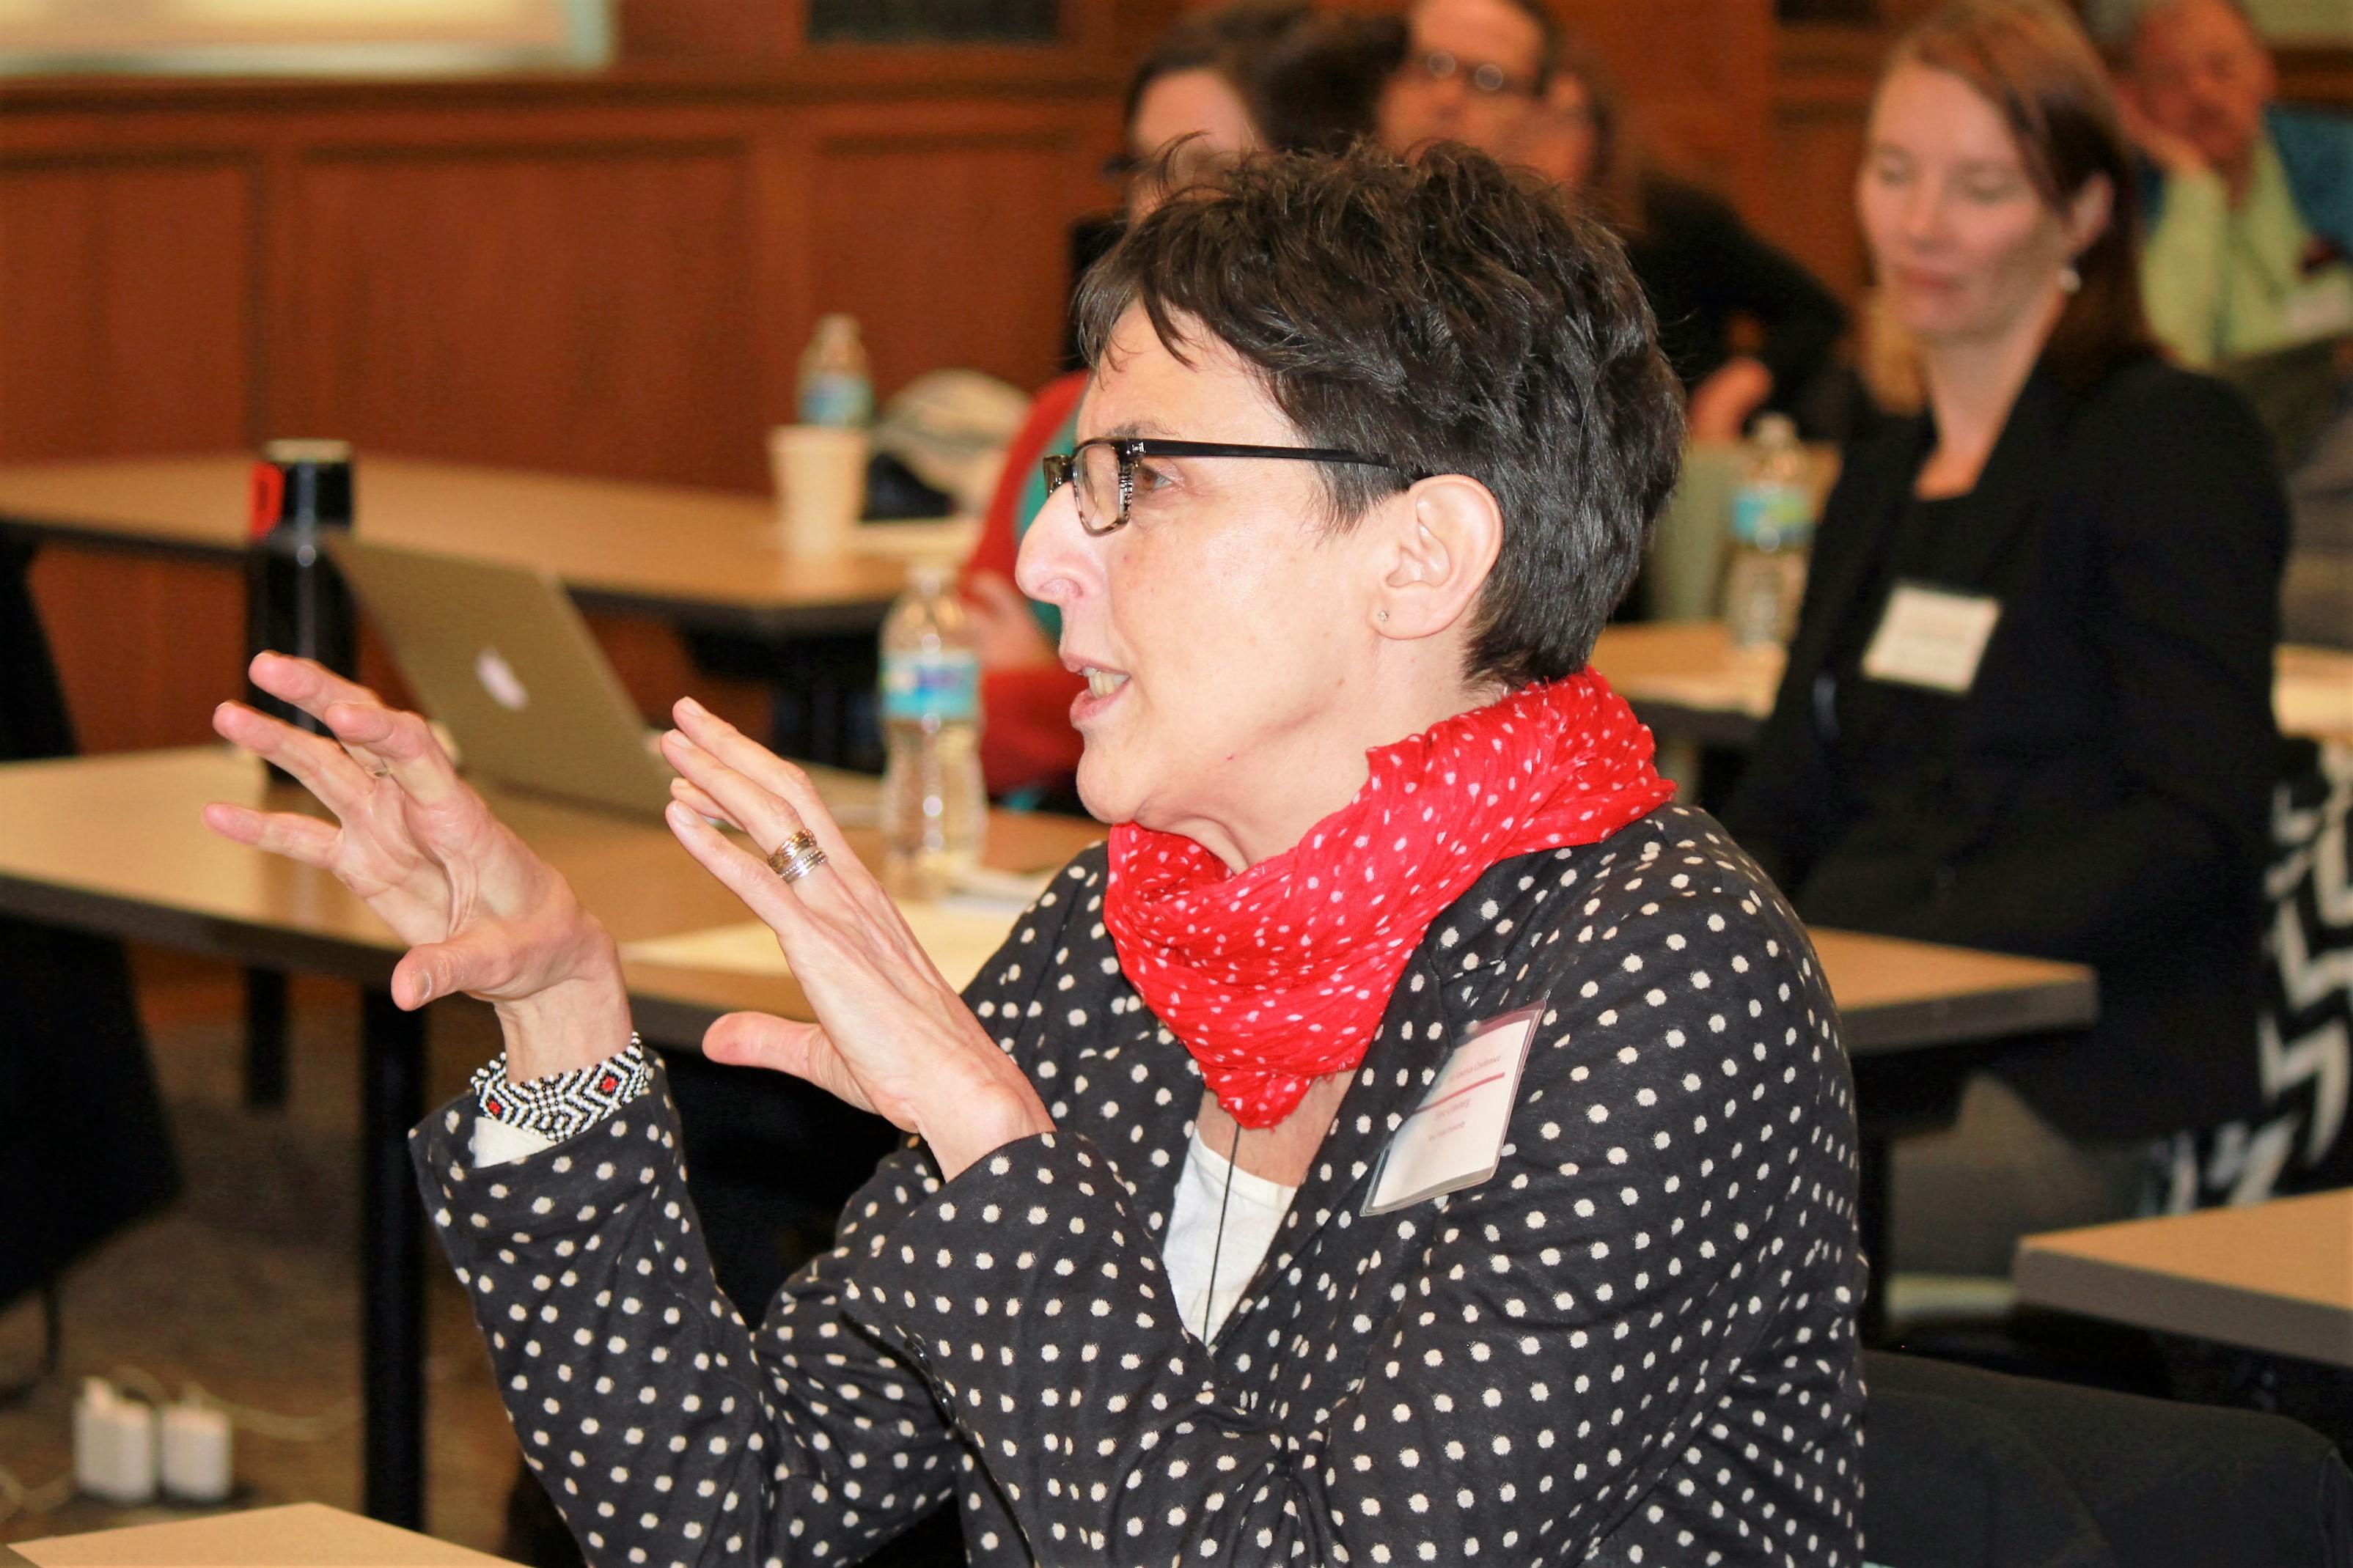 2015 Keynote speaker Faye Ginsburg